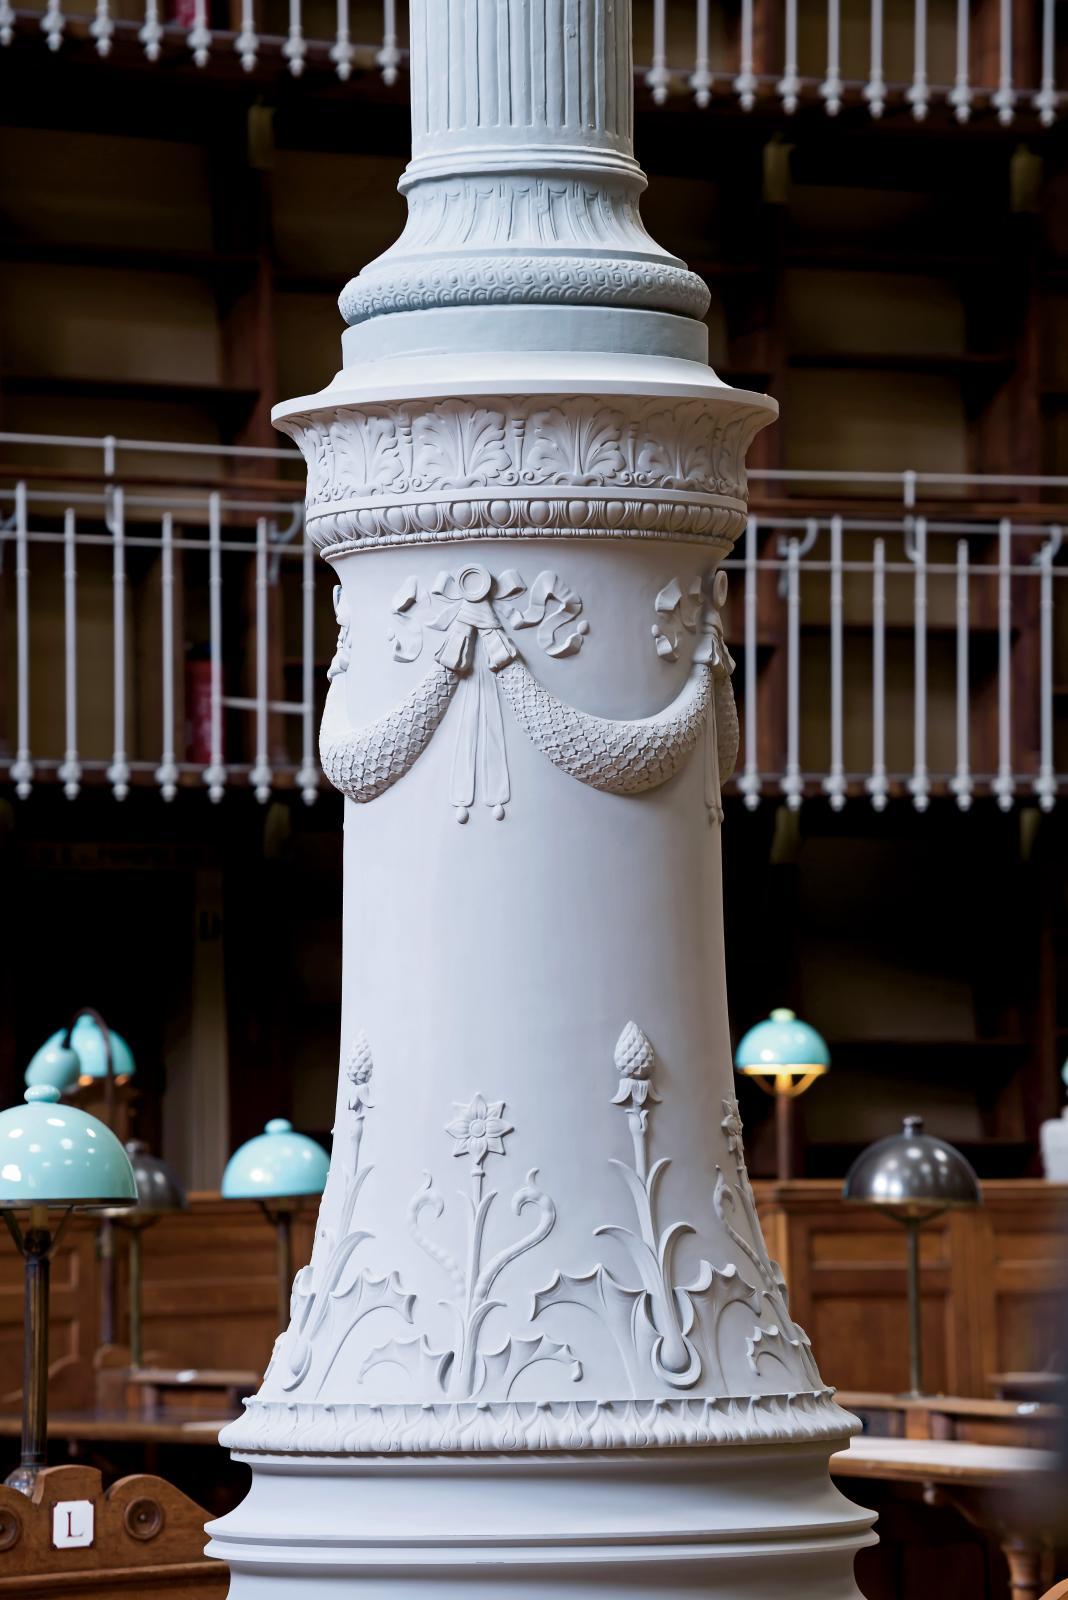 La base d'une des seize colonnes en fonte soutenant les neuf coupoles.